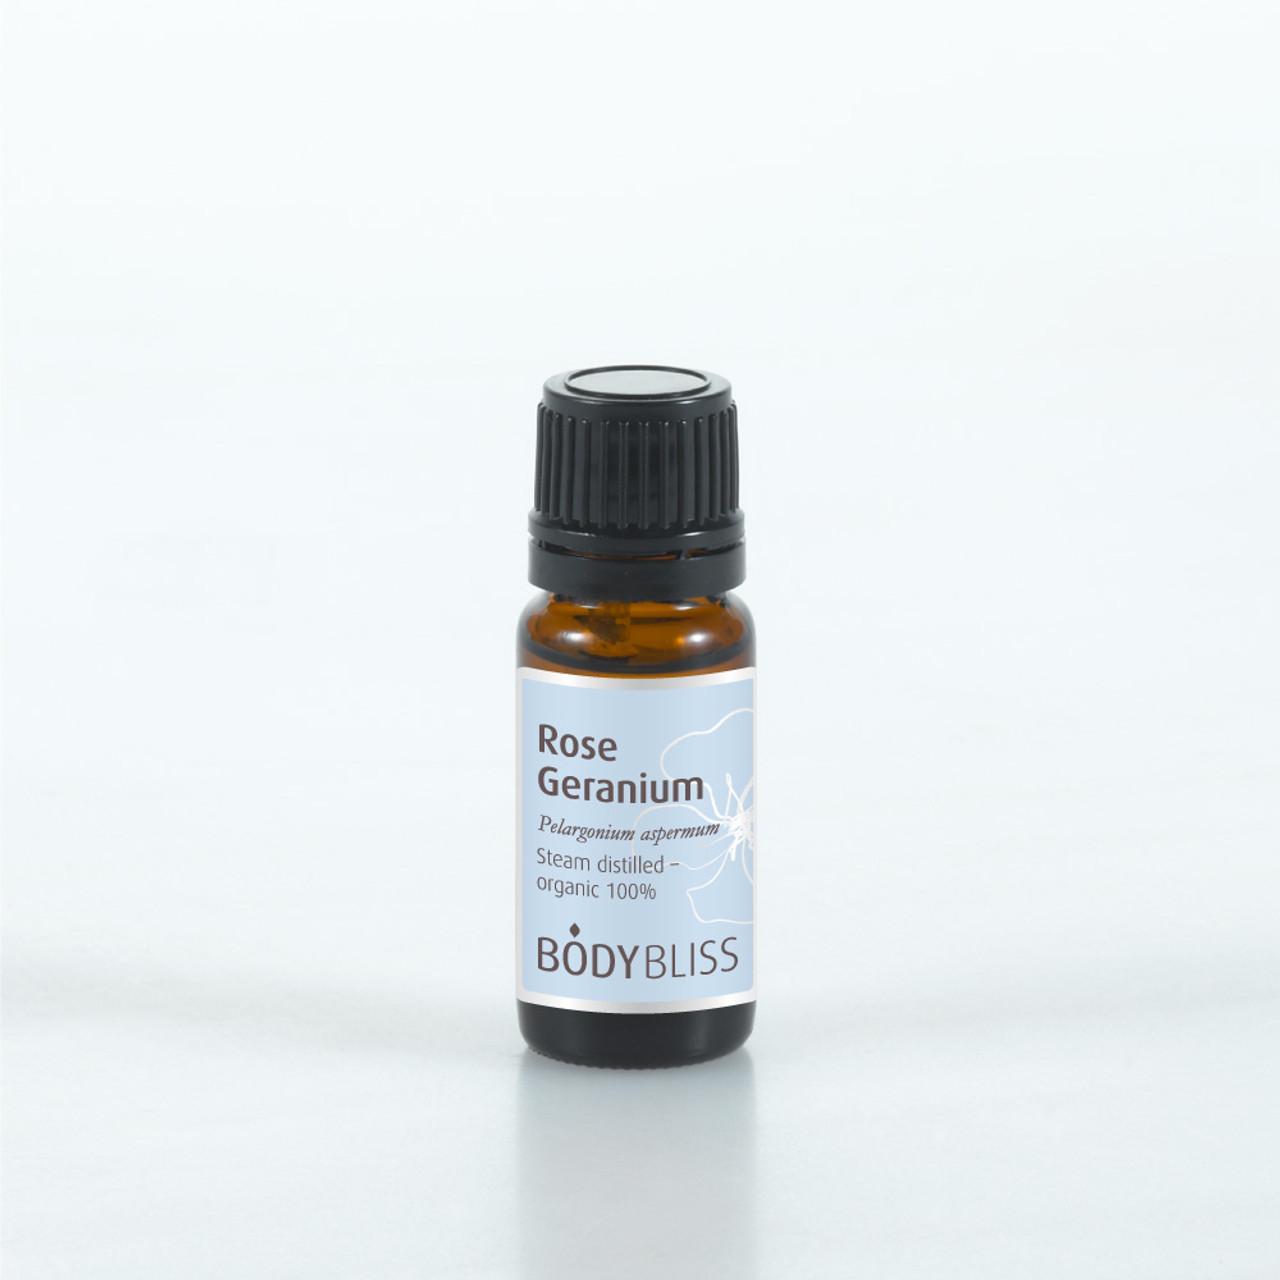 Geranium, Rose - 100% (organic)